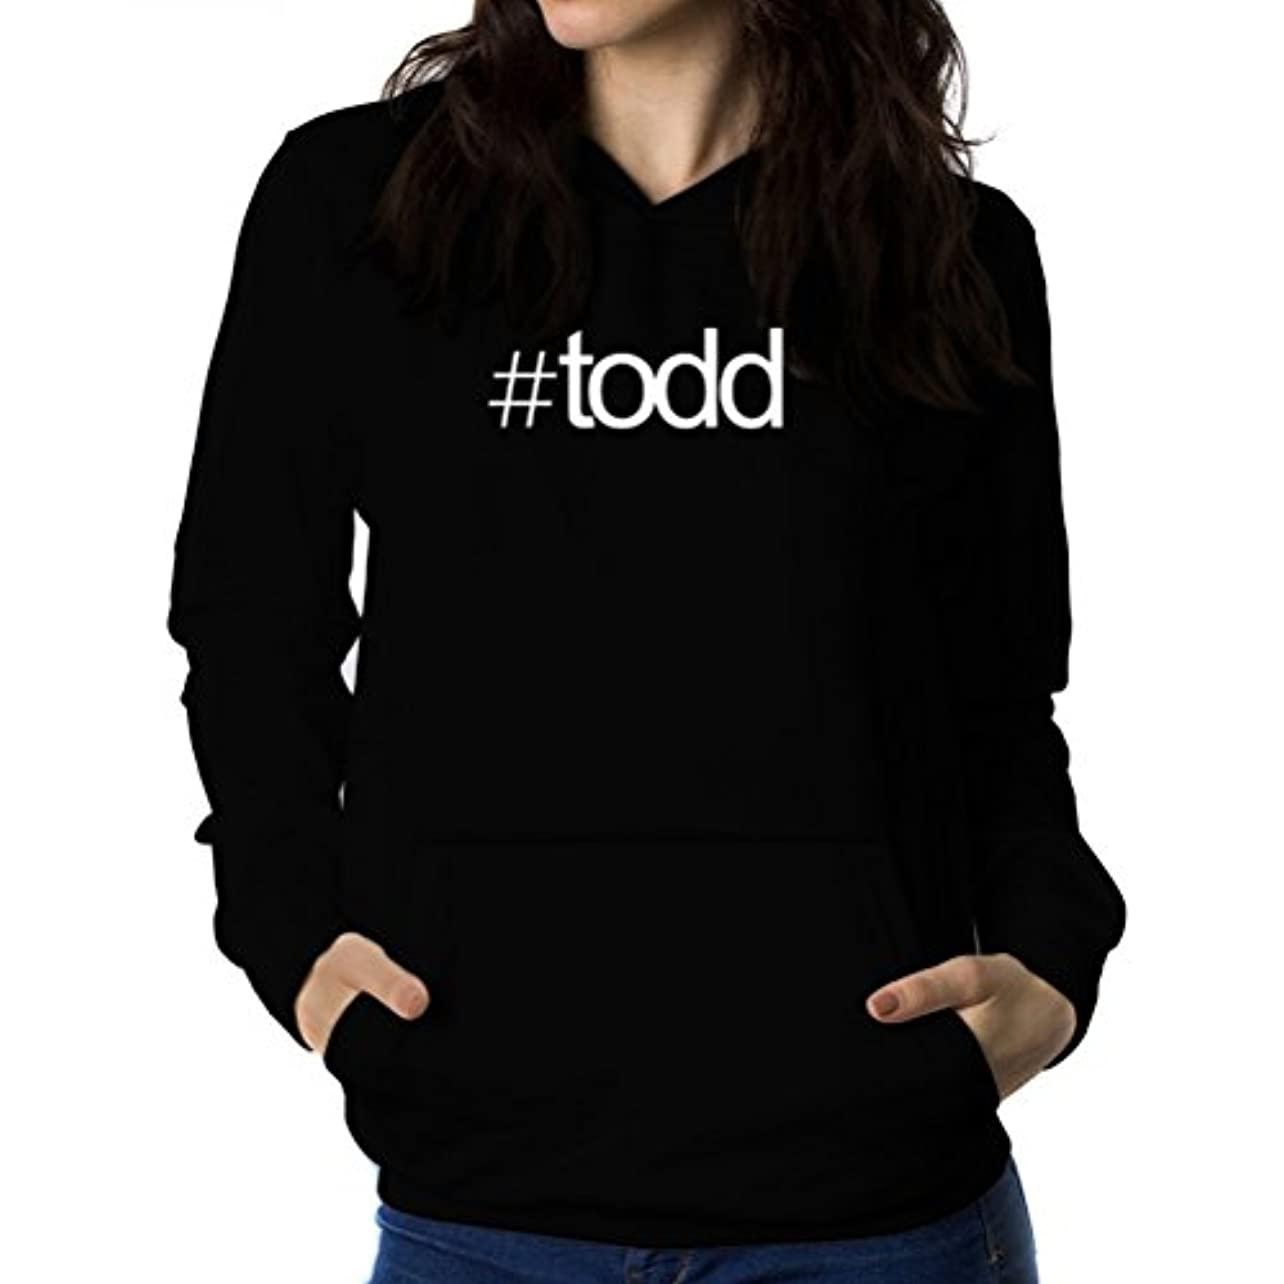 気難しいアトミックあなたのものHashtag Todd 女性 フーディー